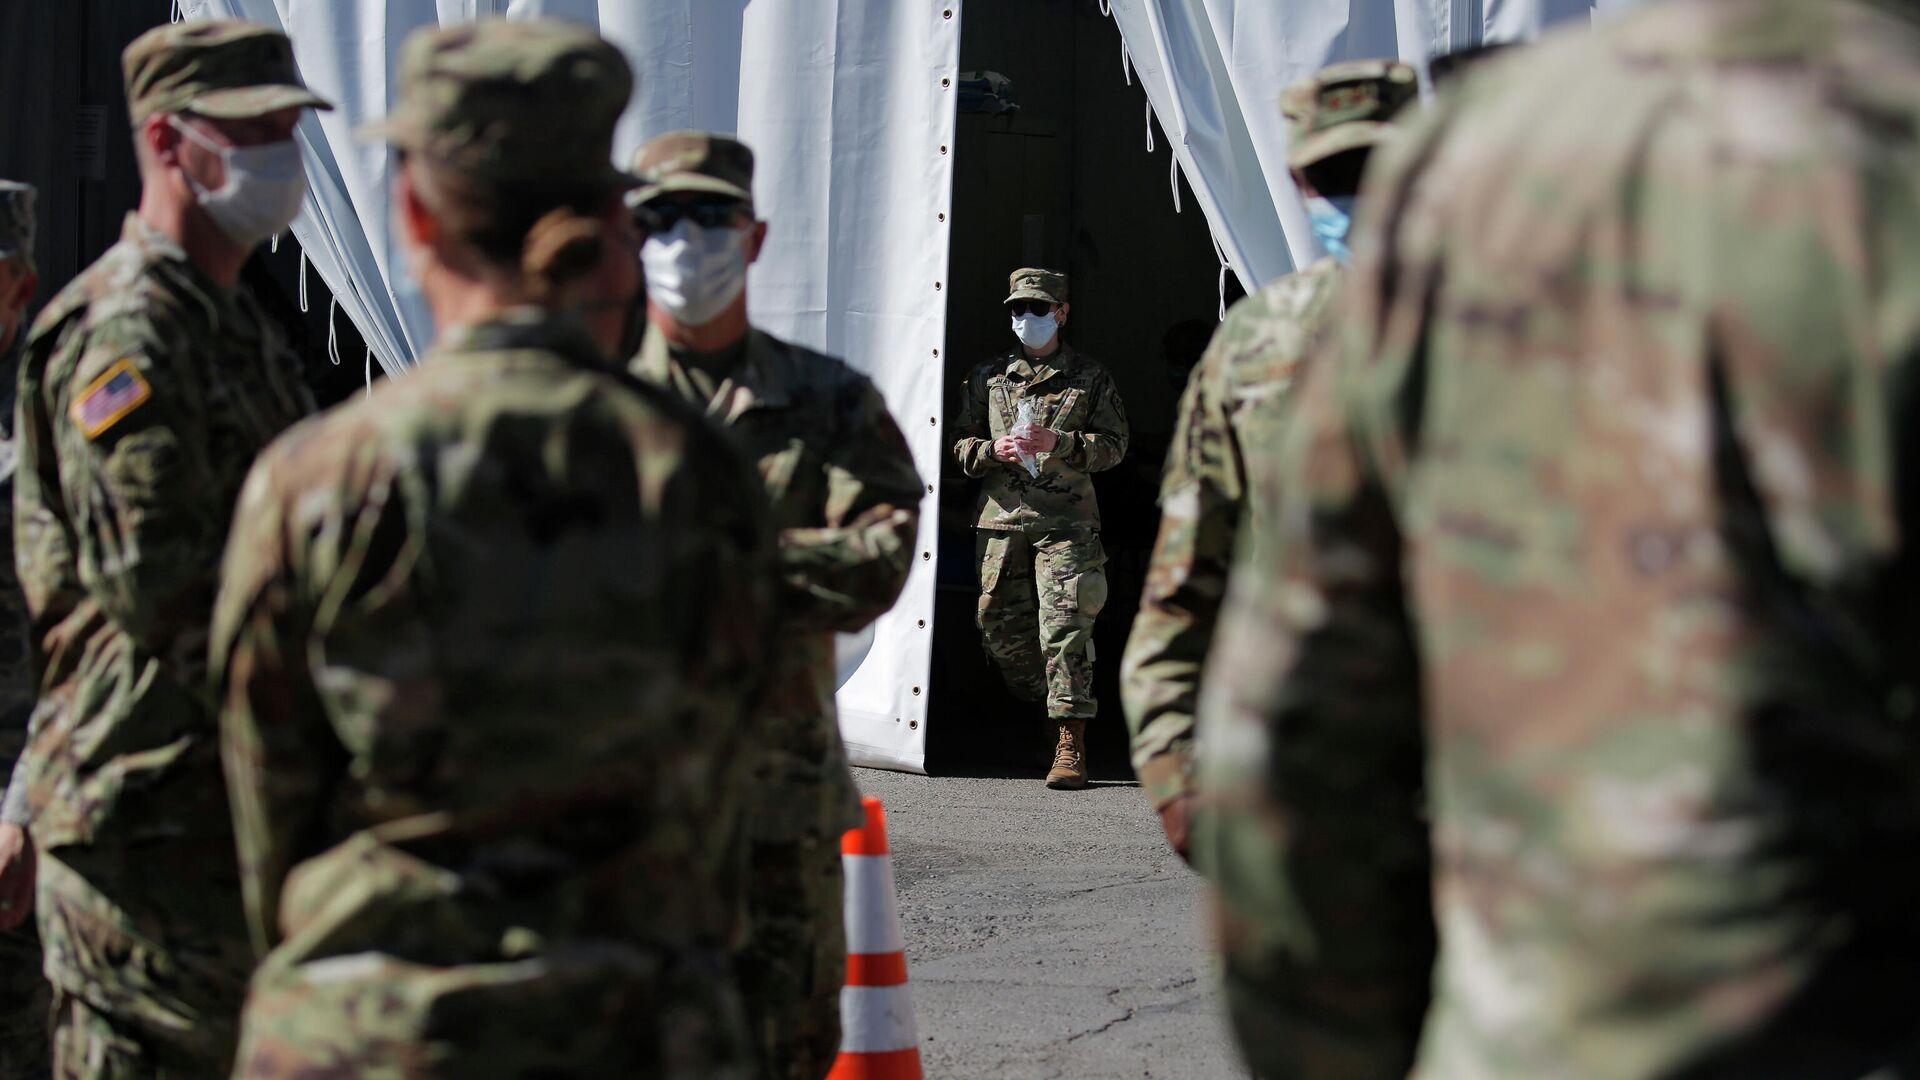 Военнослужащие армии США проходят тестирование на коронавирус в Лас-Вегасе  - РИА Новости, 1920, 16.12.2020